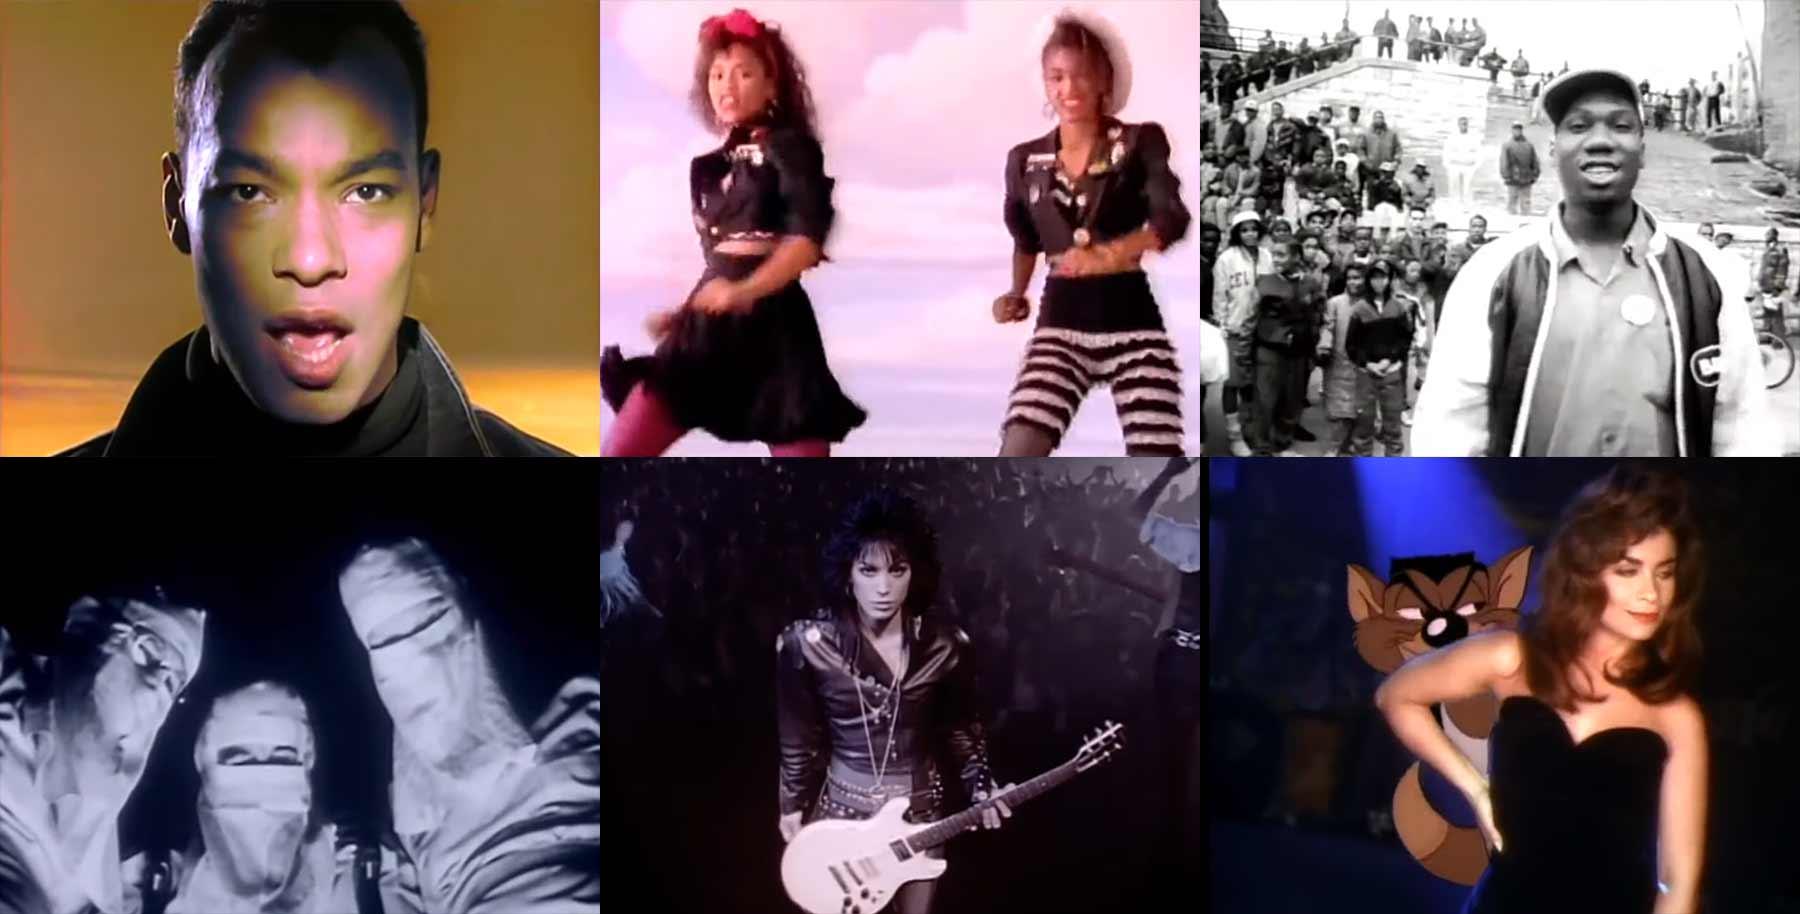 Mashup: Die 50 besten Songs des Jahres 1988 in 3 Minuten